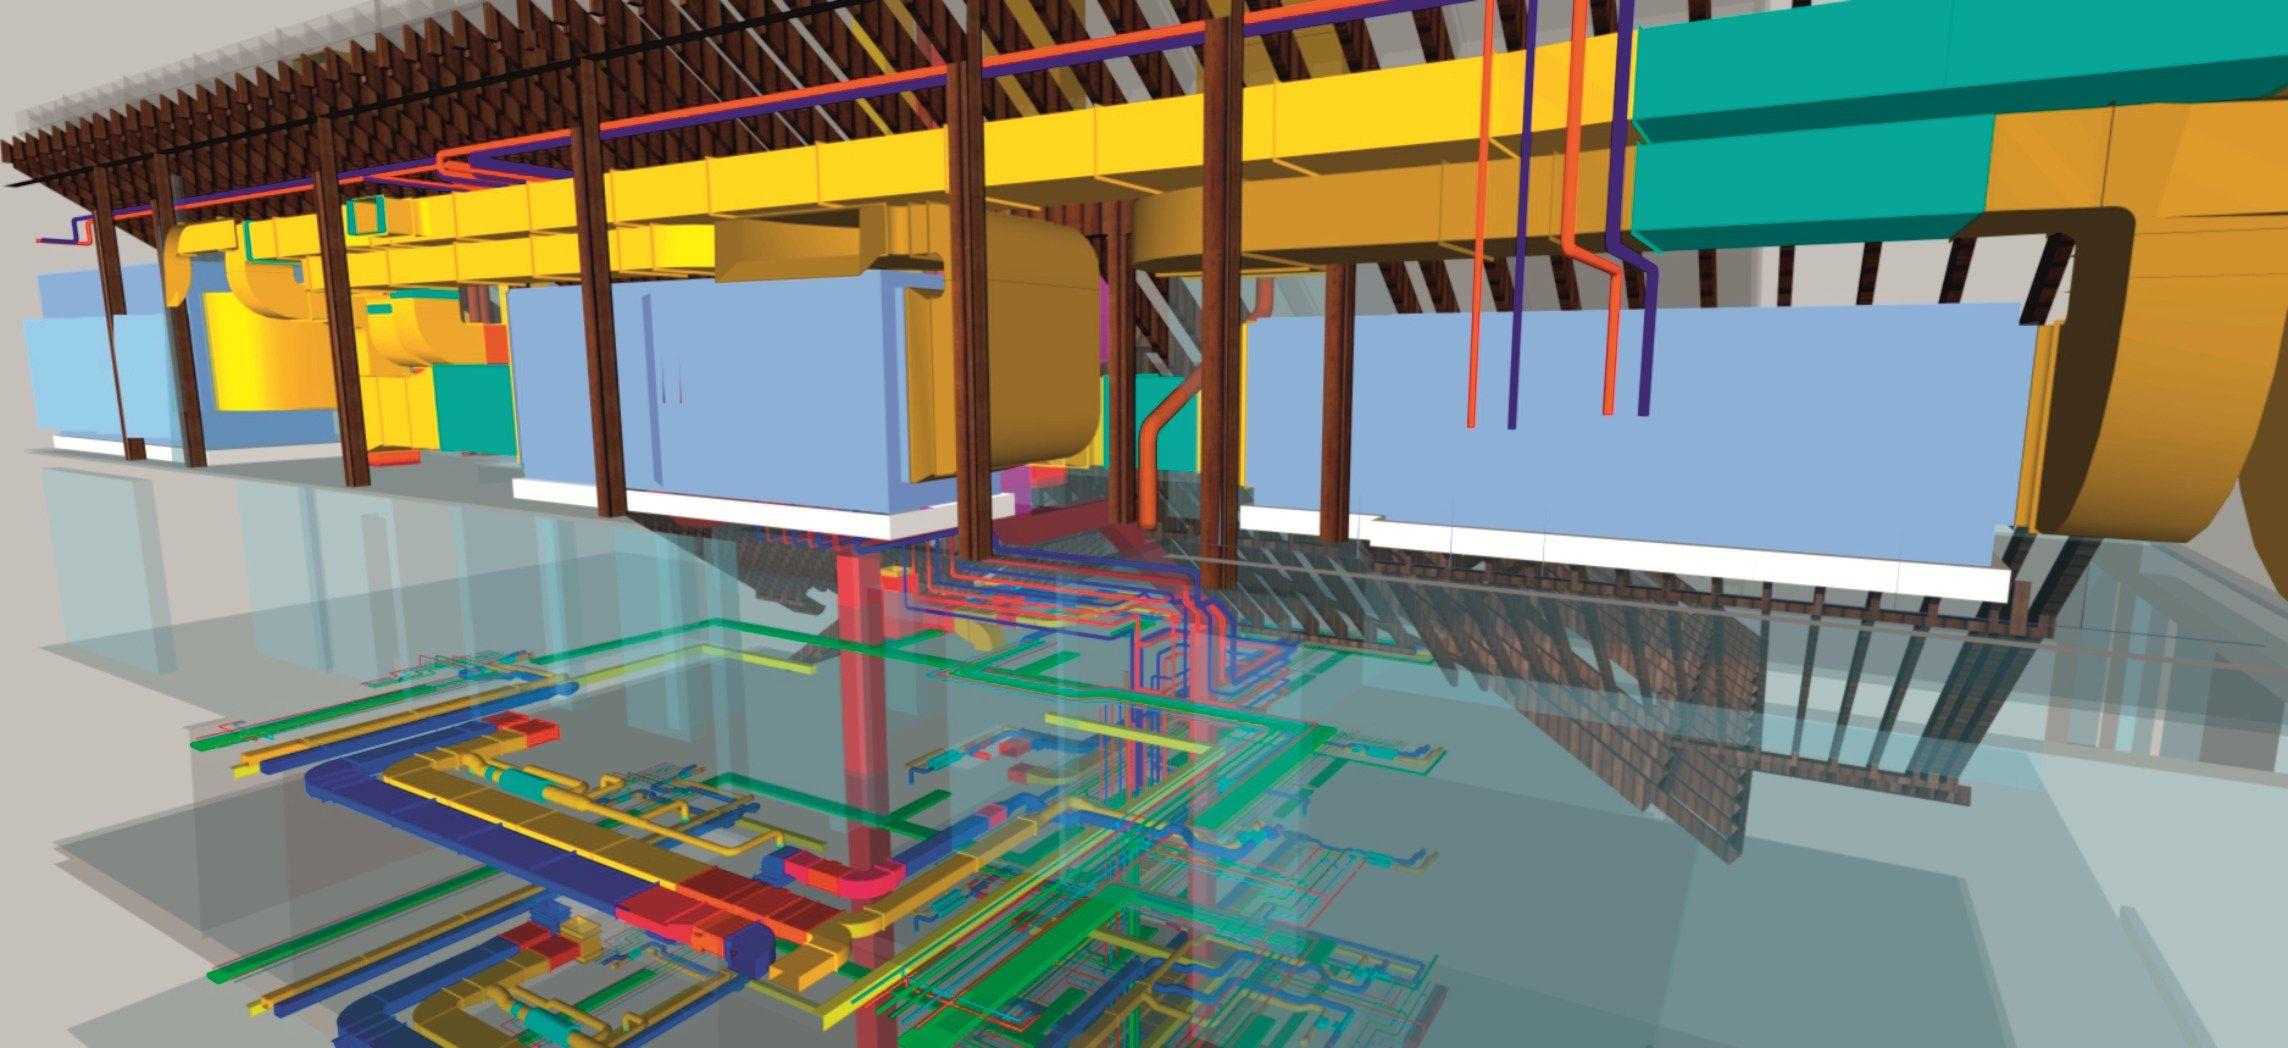 Software per progettare e disegnare canali d 39 aria canali for Software per progettare